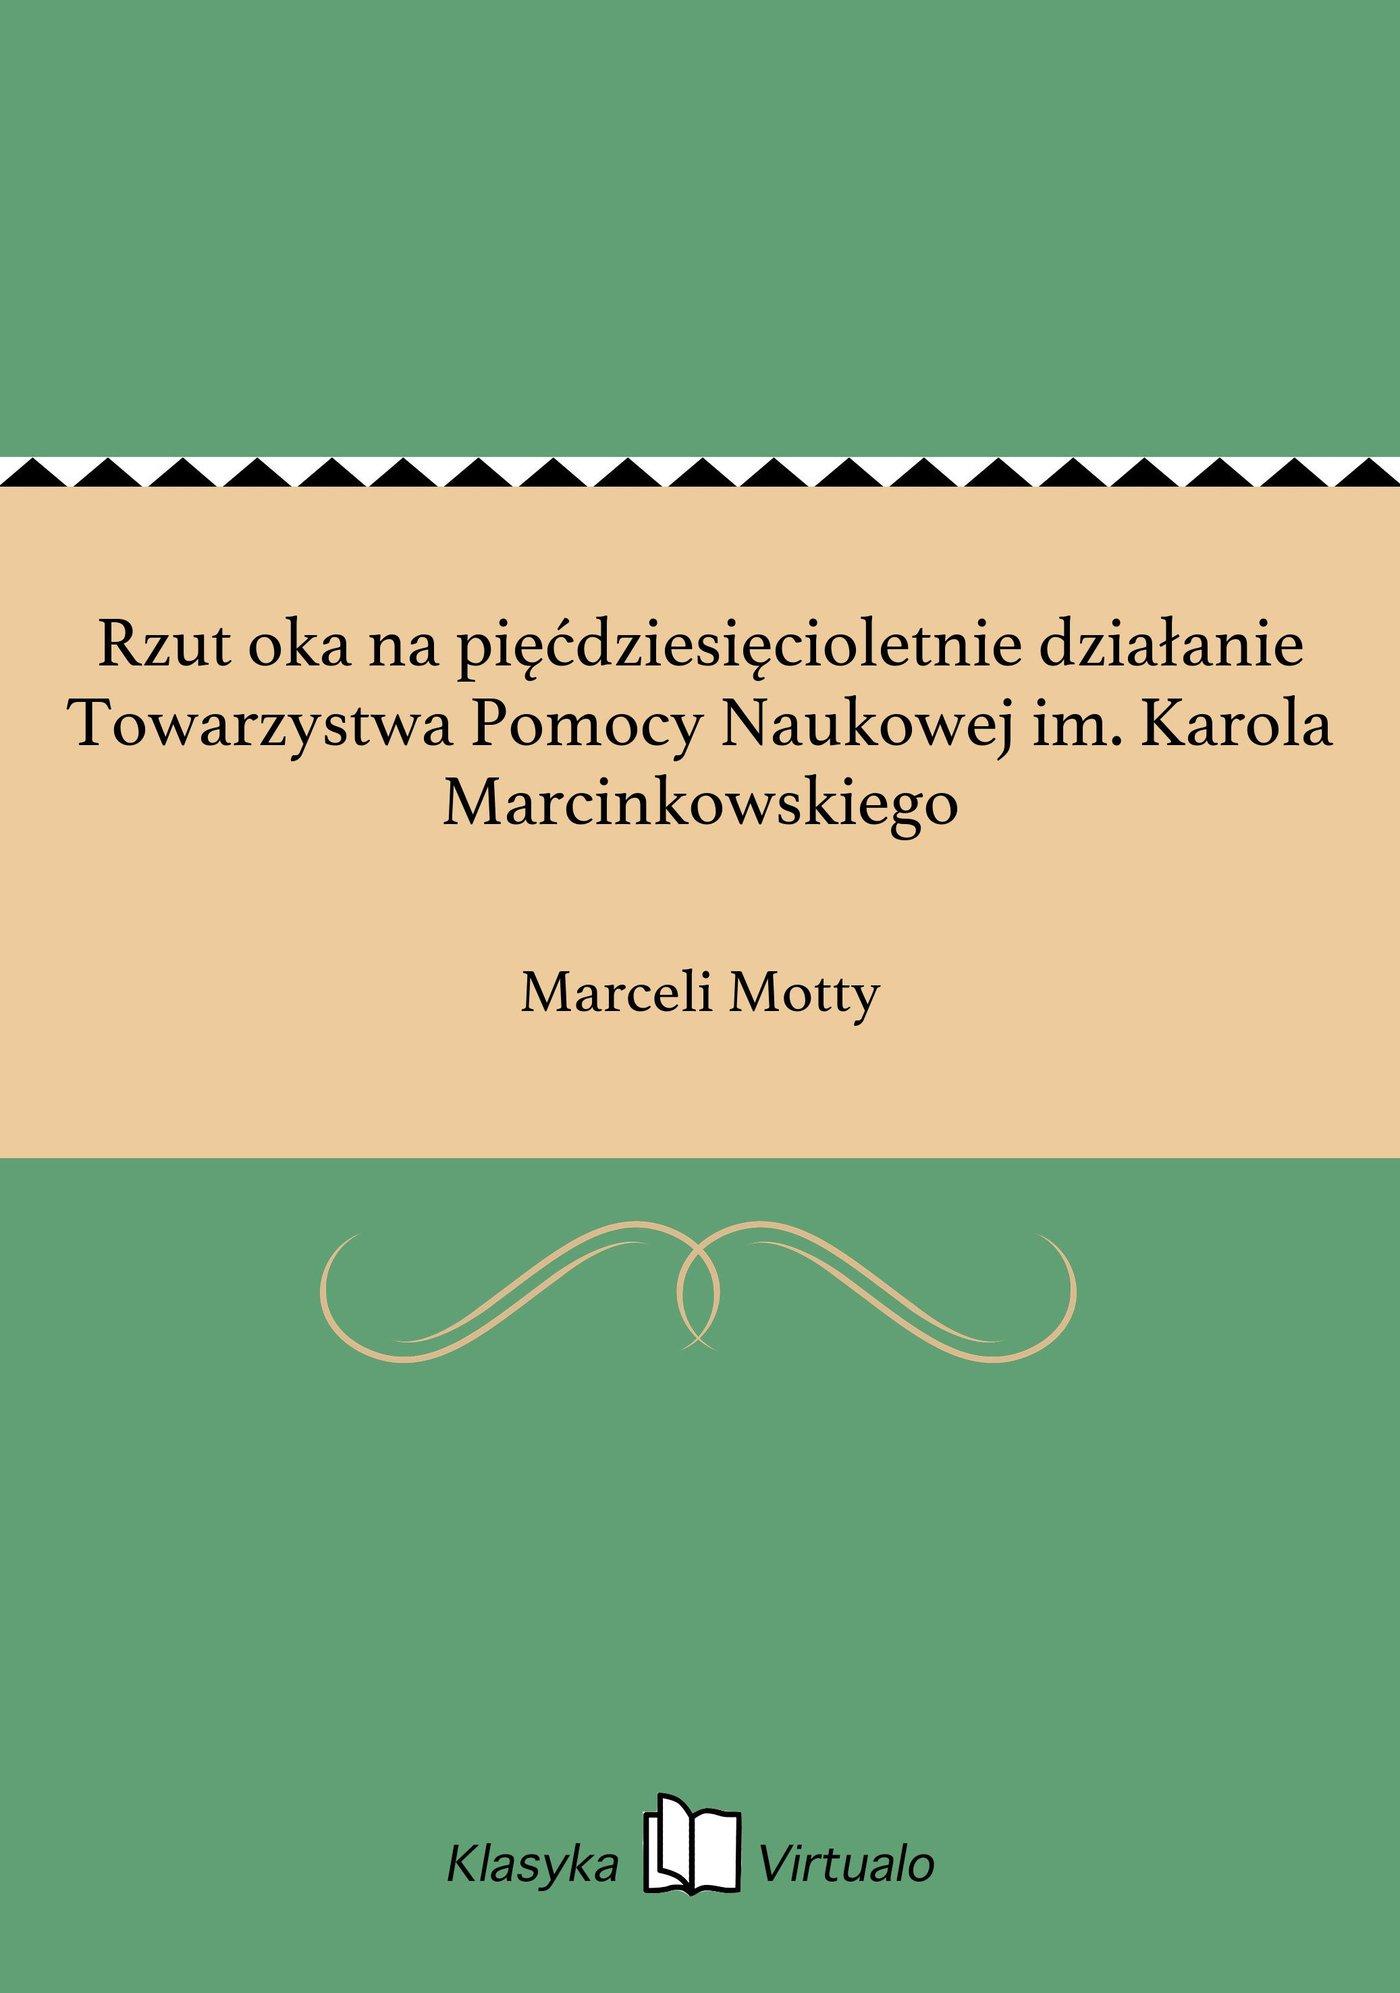 Rzut oka na pięćdziesięcioletnie działanie Towarzystwa Pomocy Naukowej im. Karola Marcinkowskiego - Ebook (Książka EPUB) do pobrania w formacie EPUB